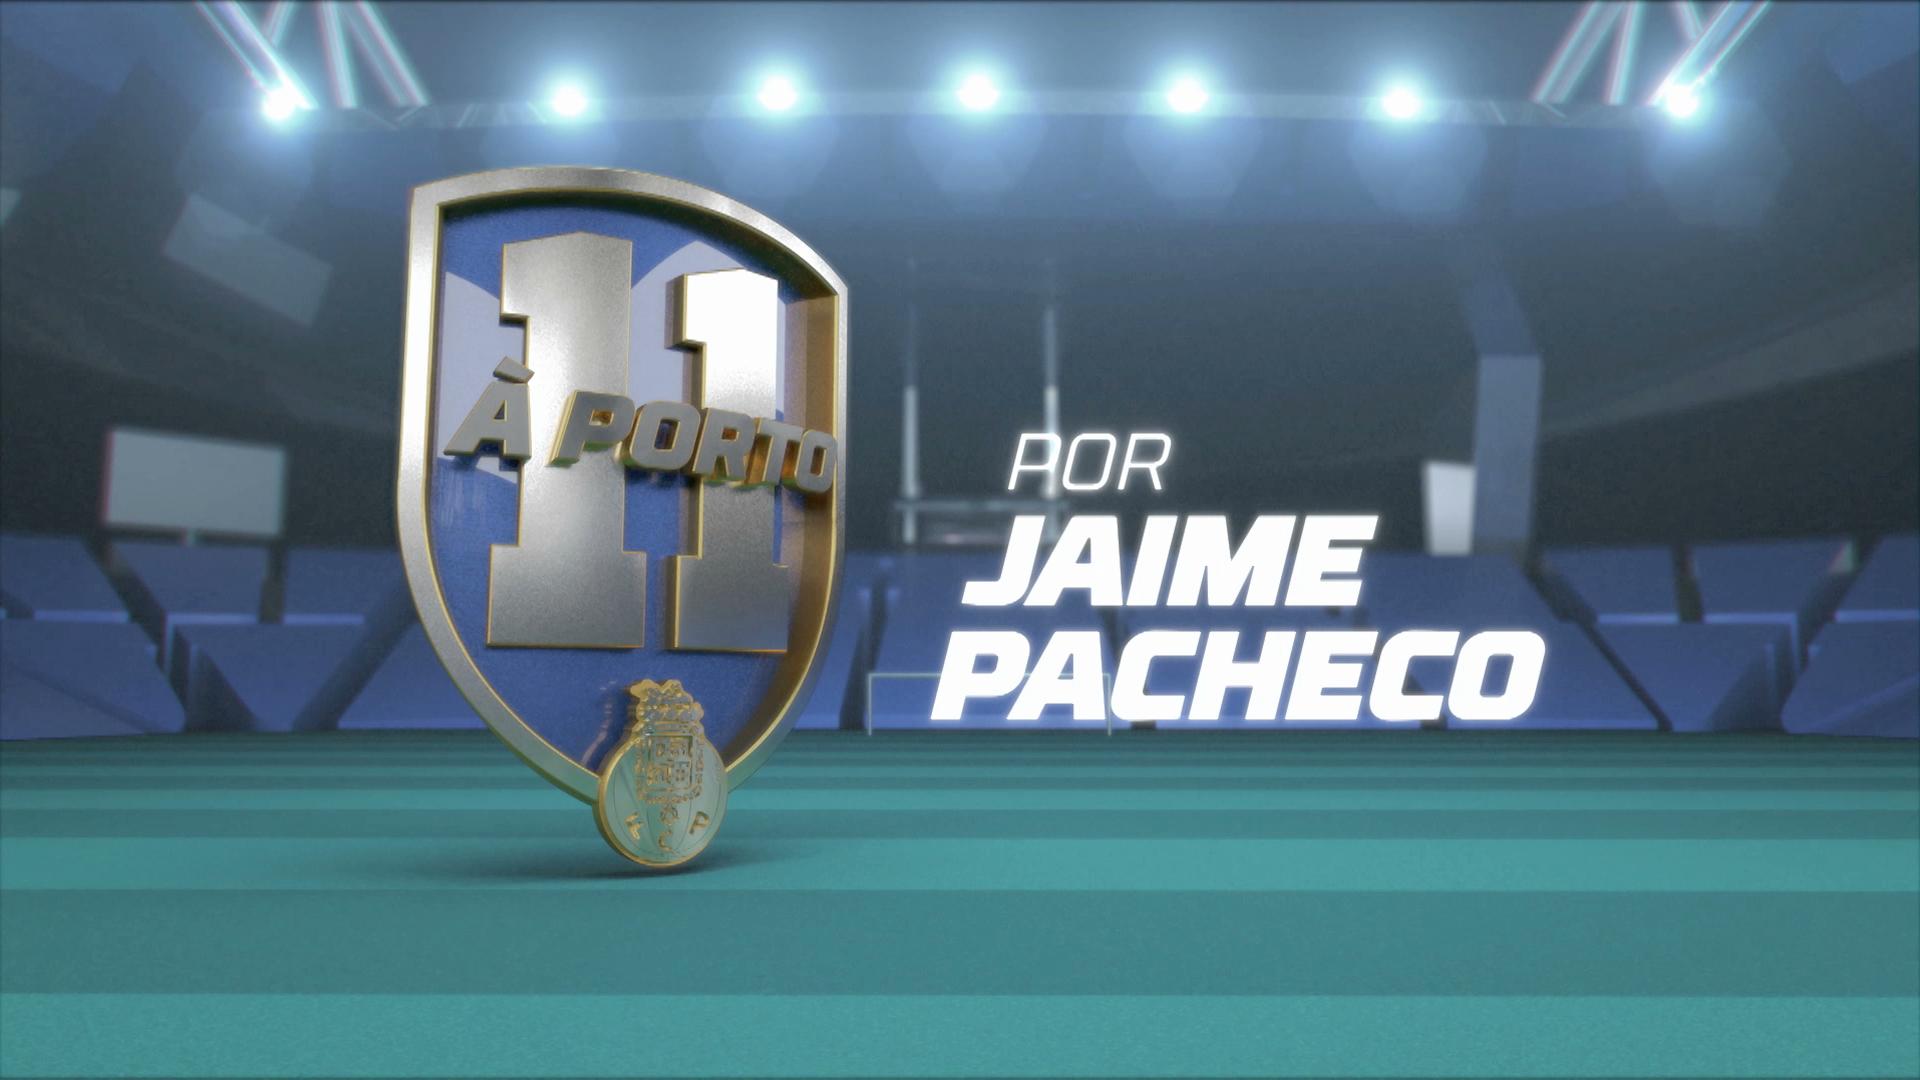 '11 À Porto por Jaime Pacheco